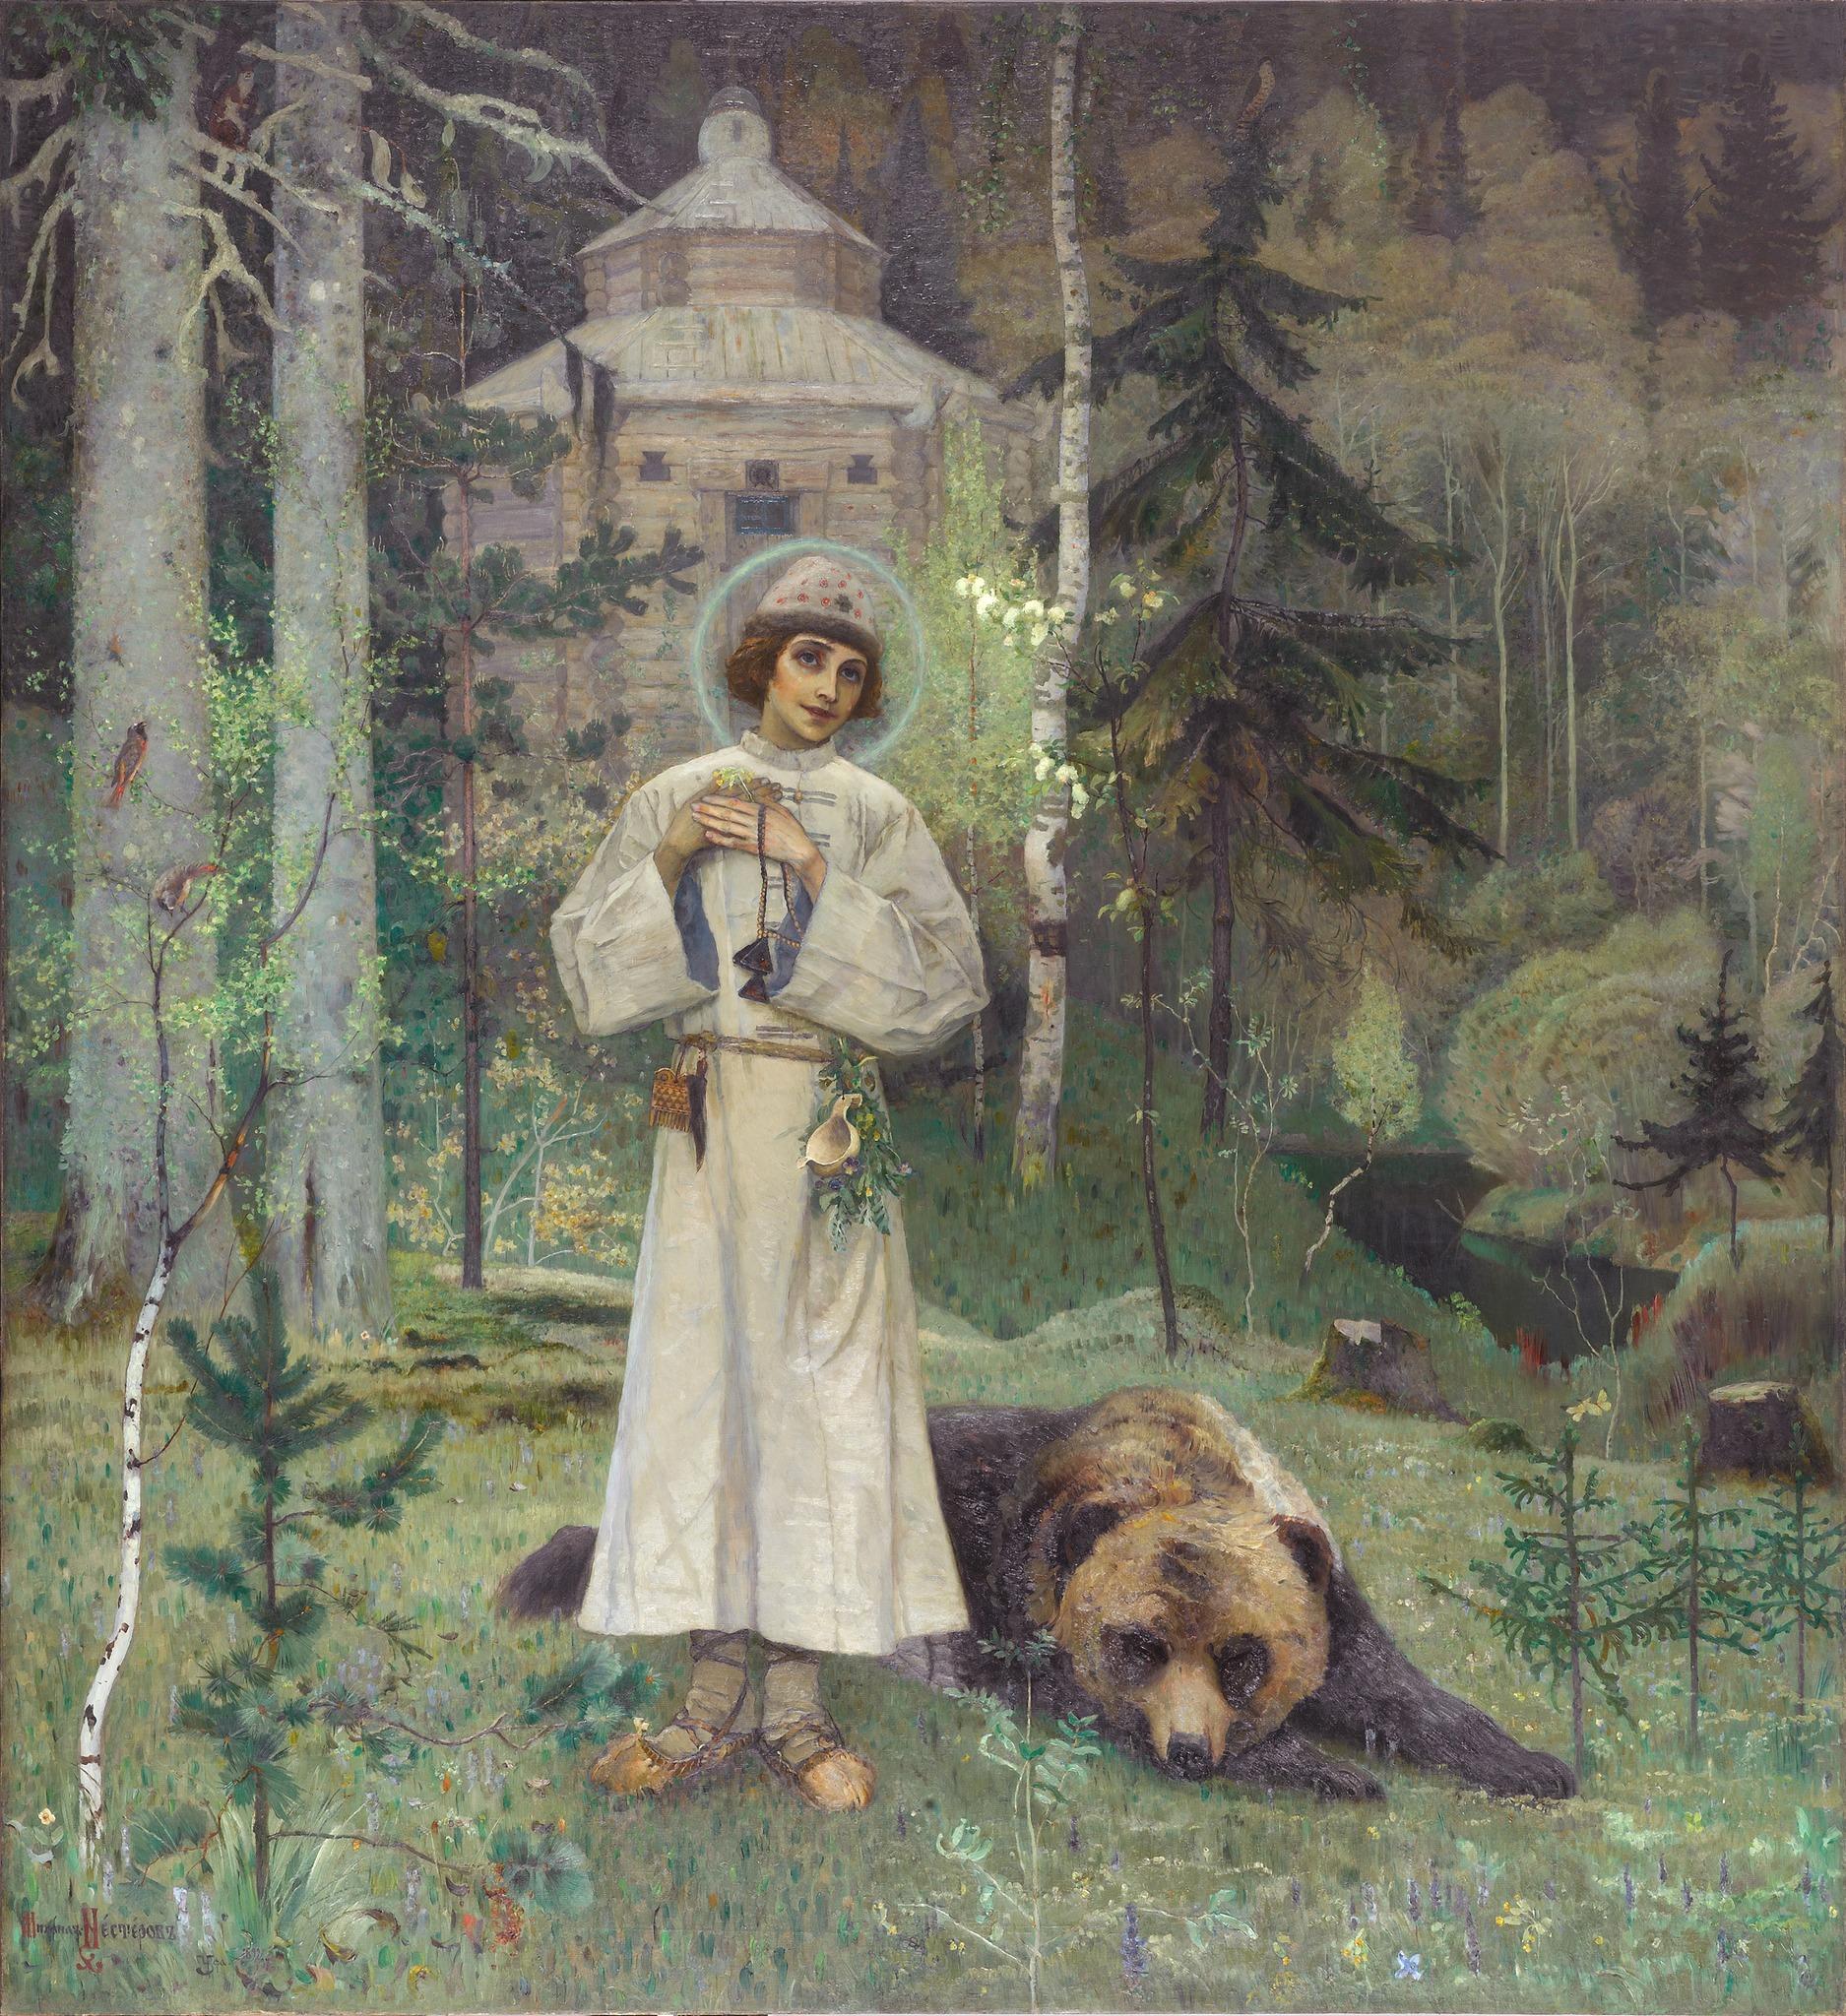 Mikhail Nesterov,  The Youth of Venerable Sergius  (1892-1897) Oil on canvas. 251 х 232cm. Tretyakov Gallery, Moscow.  https://www.tretyakovgallery.ru/en/collection/yunost-prepodobnogo-sergiya/